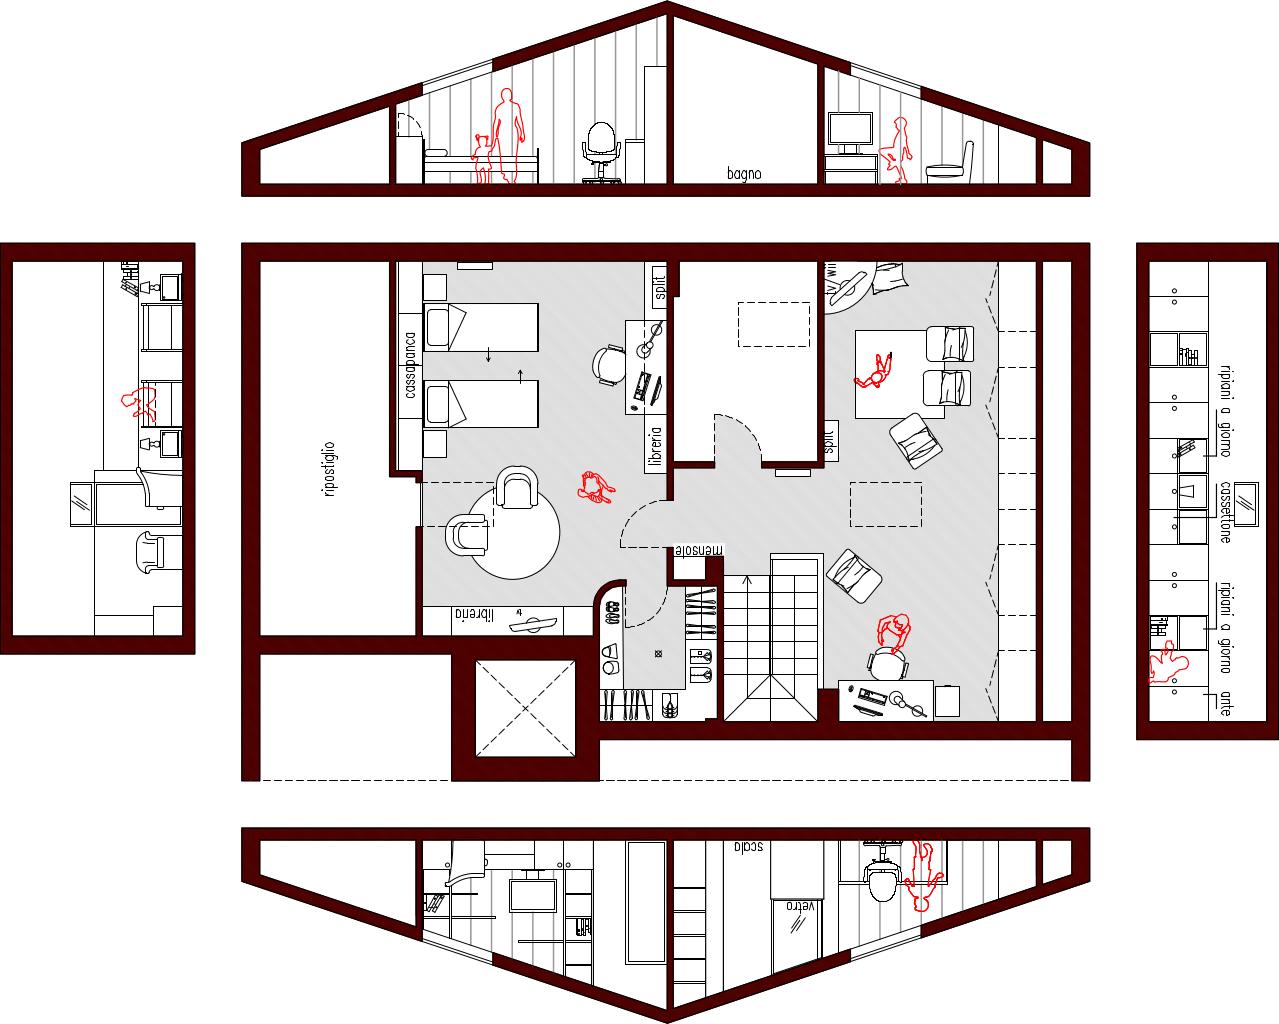 Progetto 80 mq architettura a domicilio - Progetto casa 80 mq ...